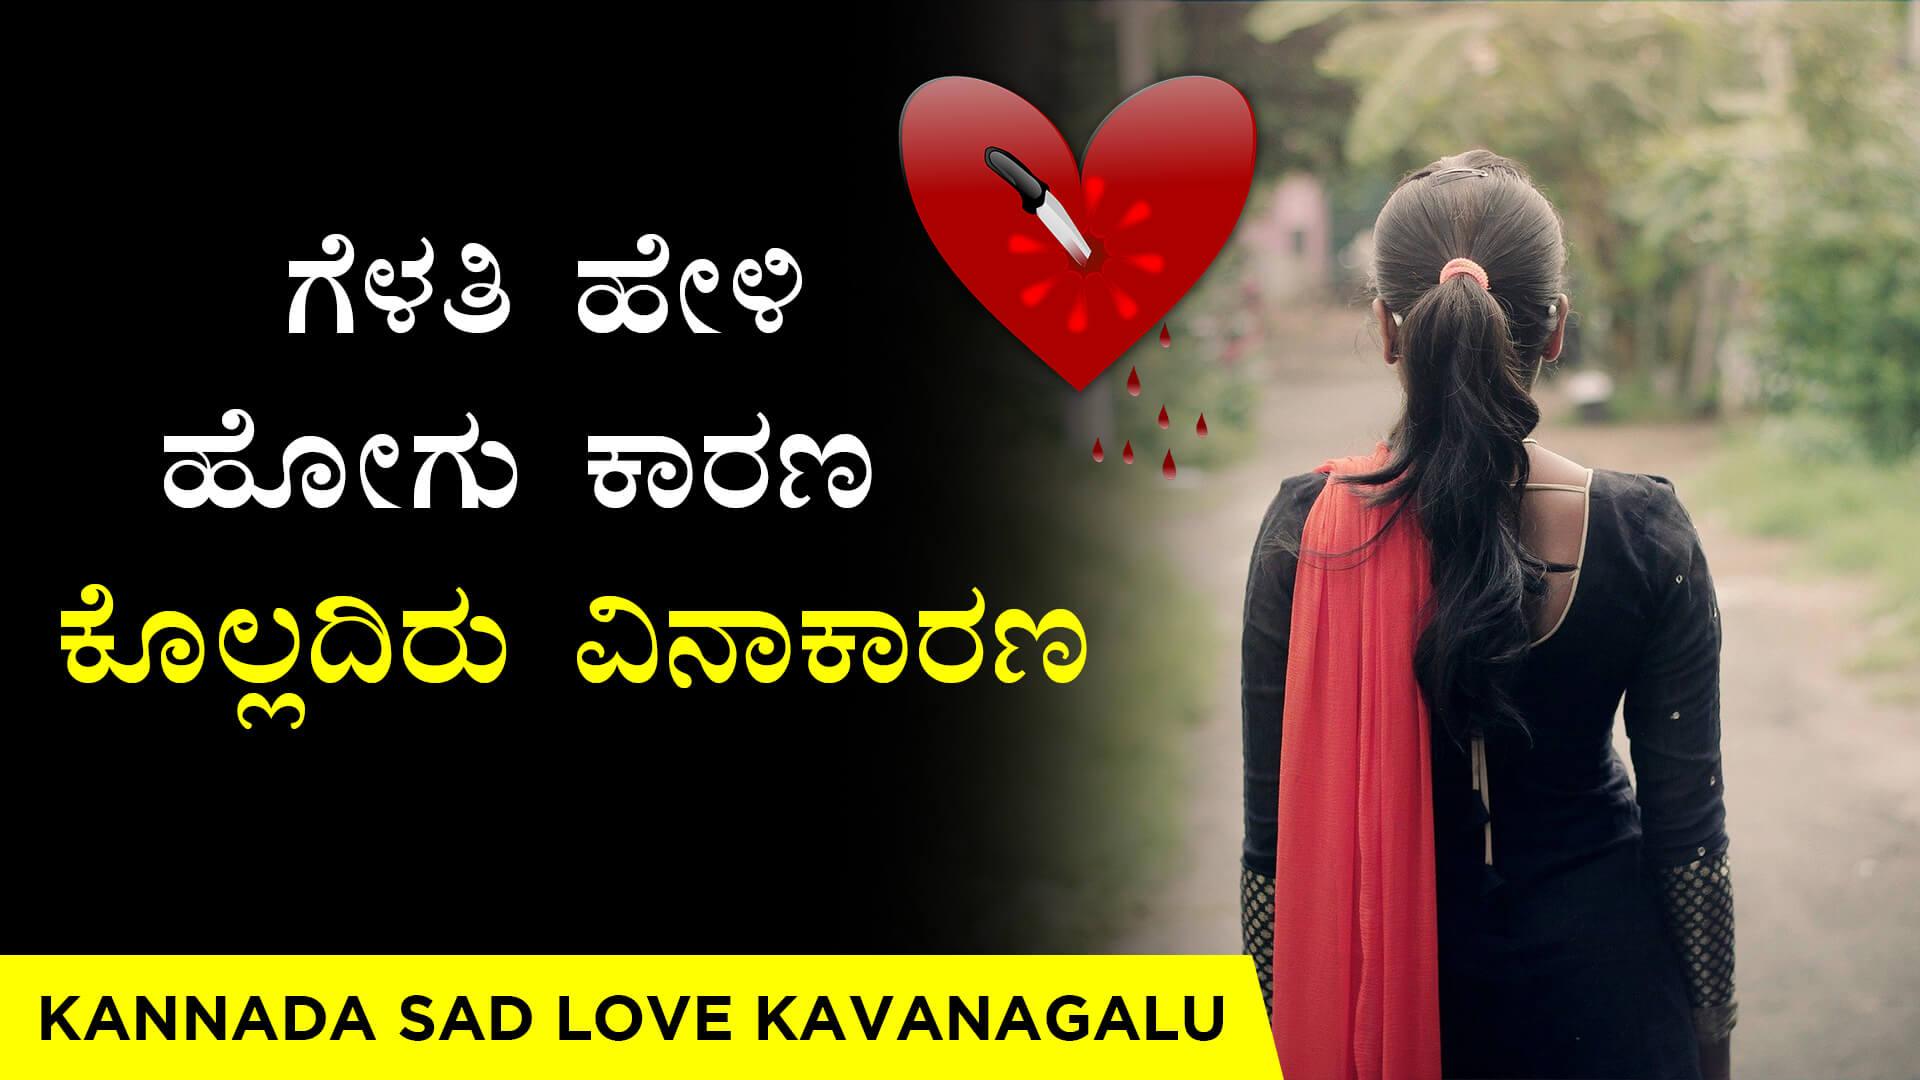 ಗೆಳತಿ ಹೇಳಿ ಹೋಗು ಕಾರಣ ; ಕೊಲ್ಲದಿರು ವಿನಾಕಾರಣ - Kannada Sad Love Kavanagalu - Love Kavana - Kannada Feeling Kavanagalu